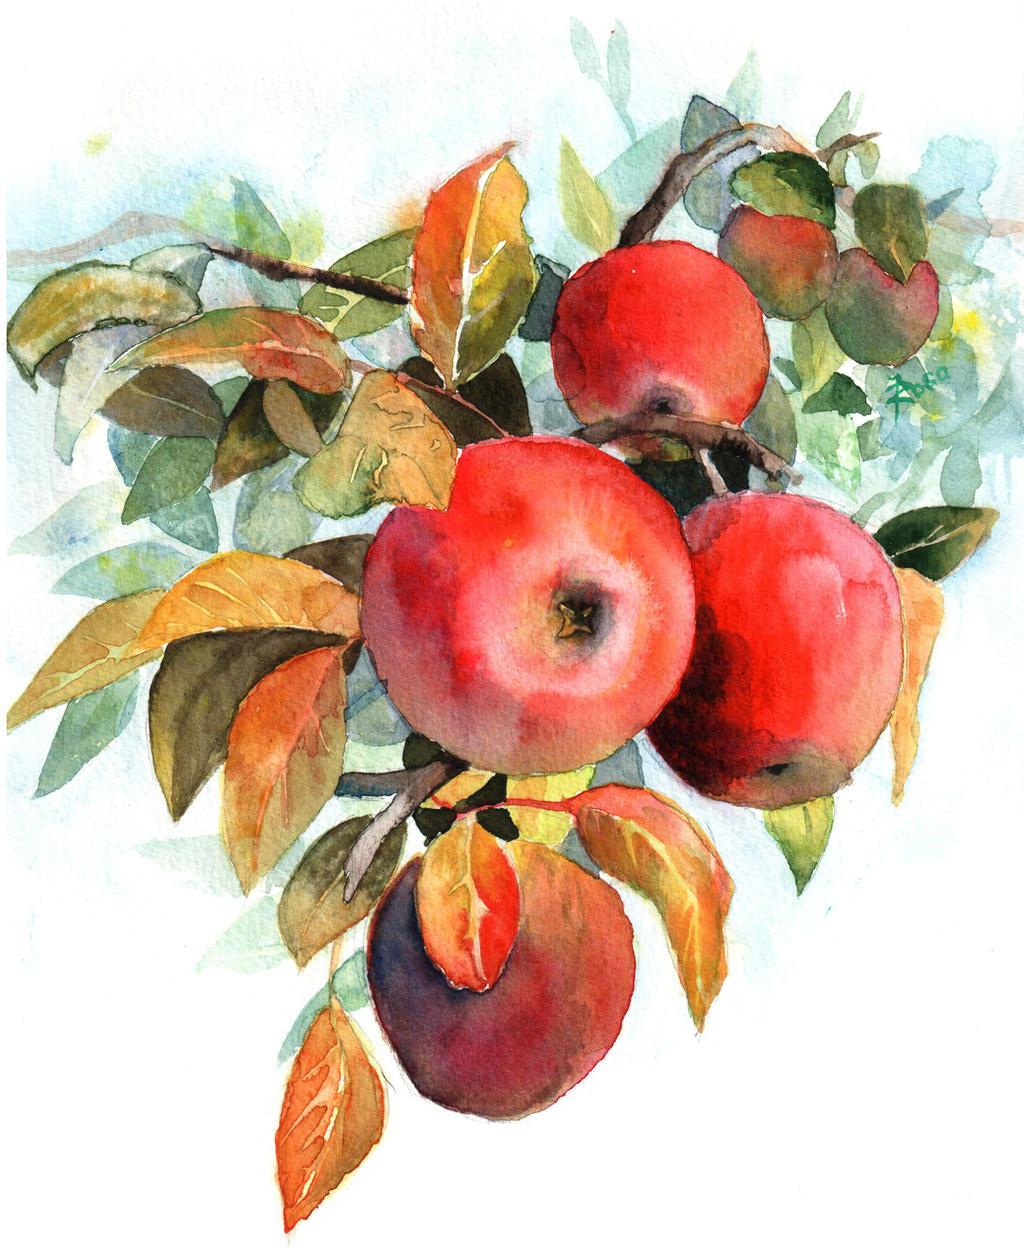 Apples by JoaRosa